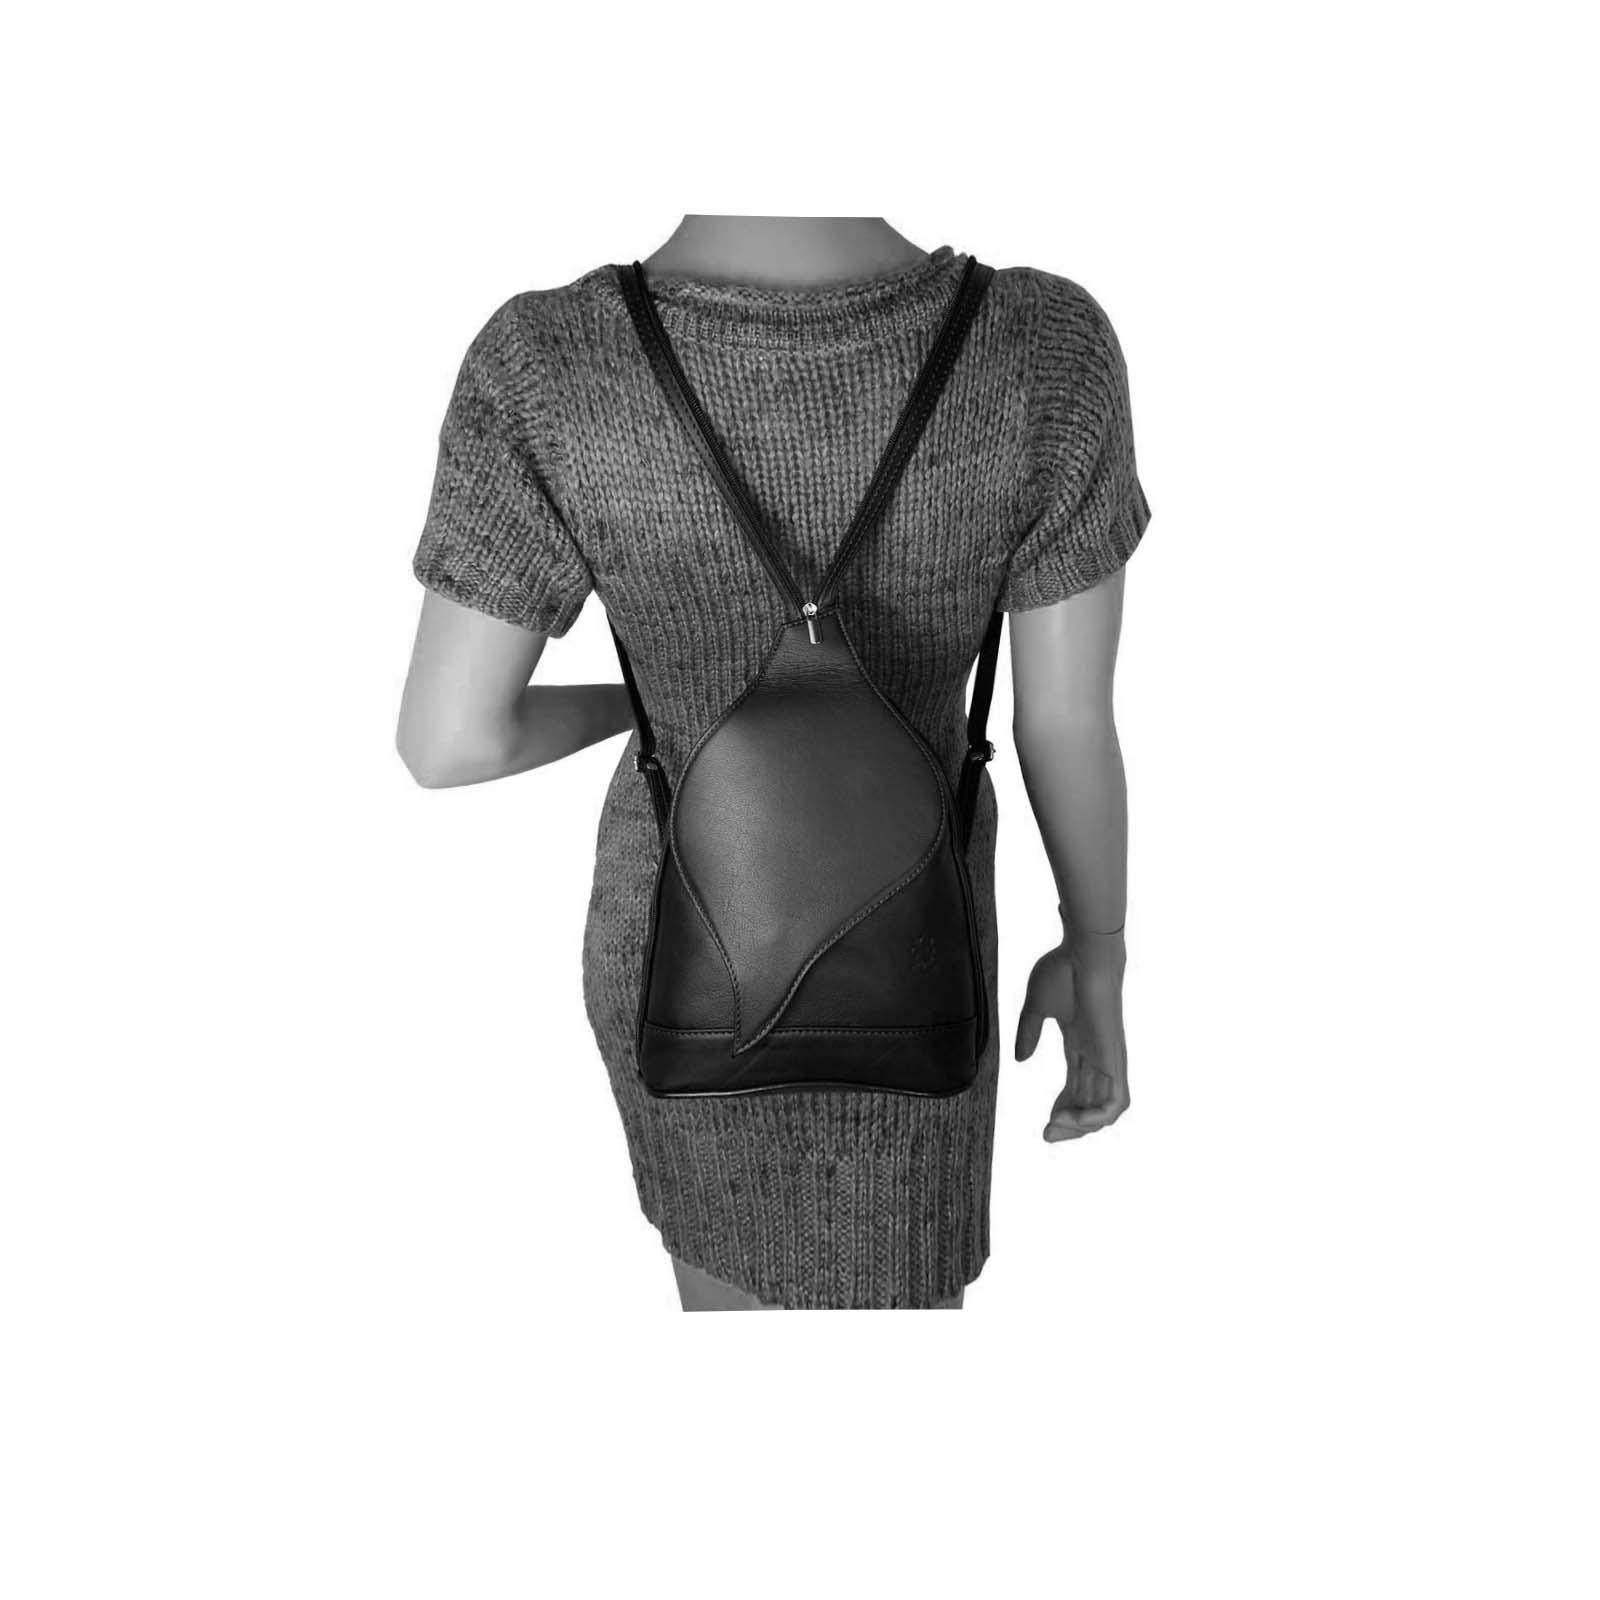 ITALY-DAMEN-LEDER-RUCKSACK-Schulter-Tasche-Reise-BACKPACK-Lederrucksack-it-BAG Indexbild 66